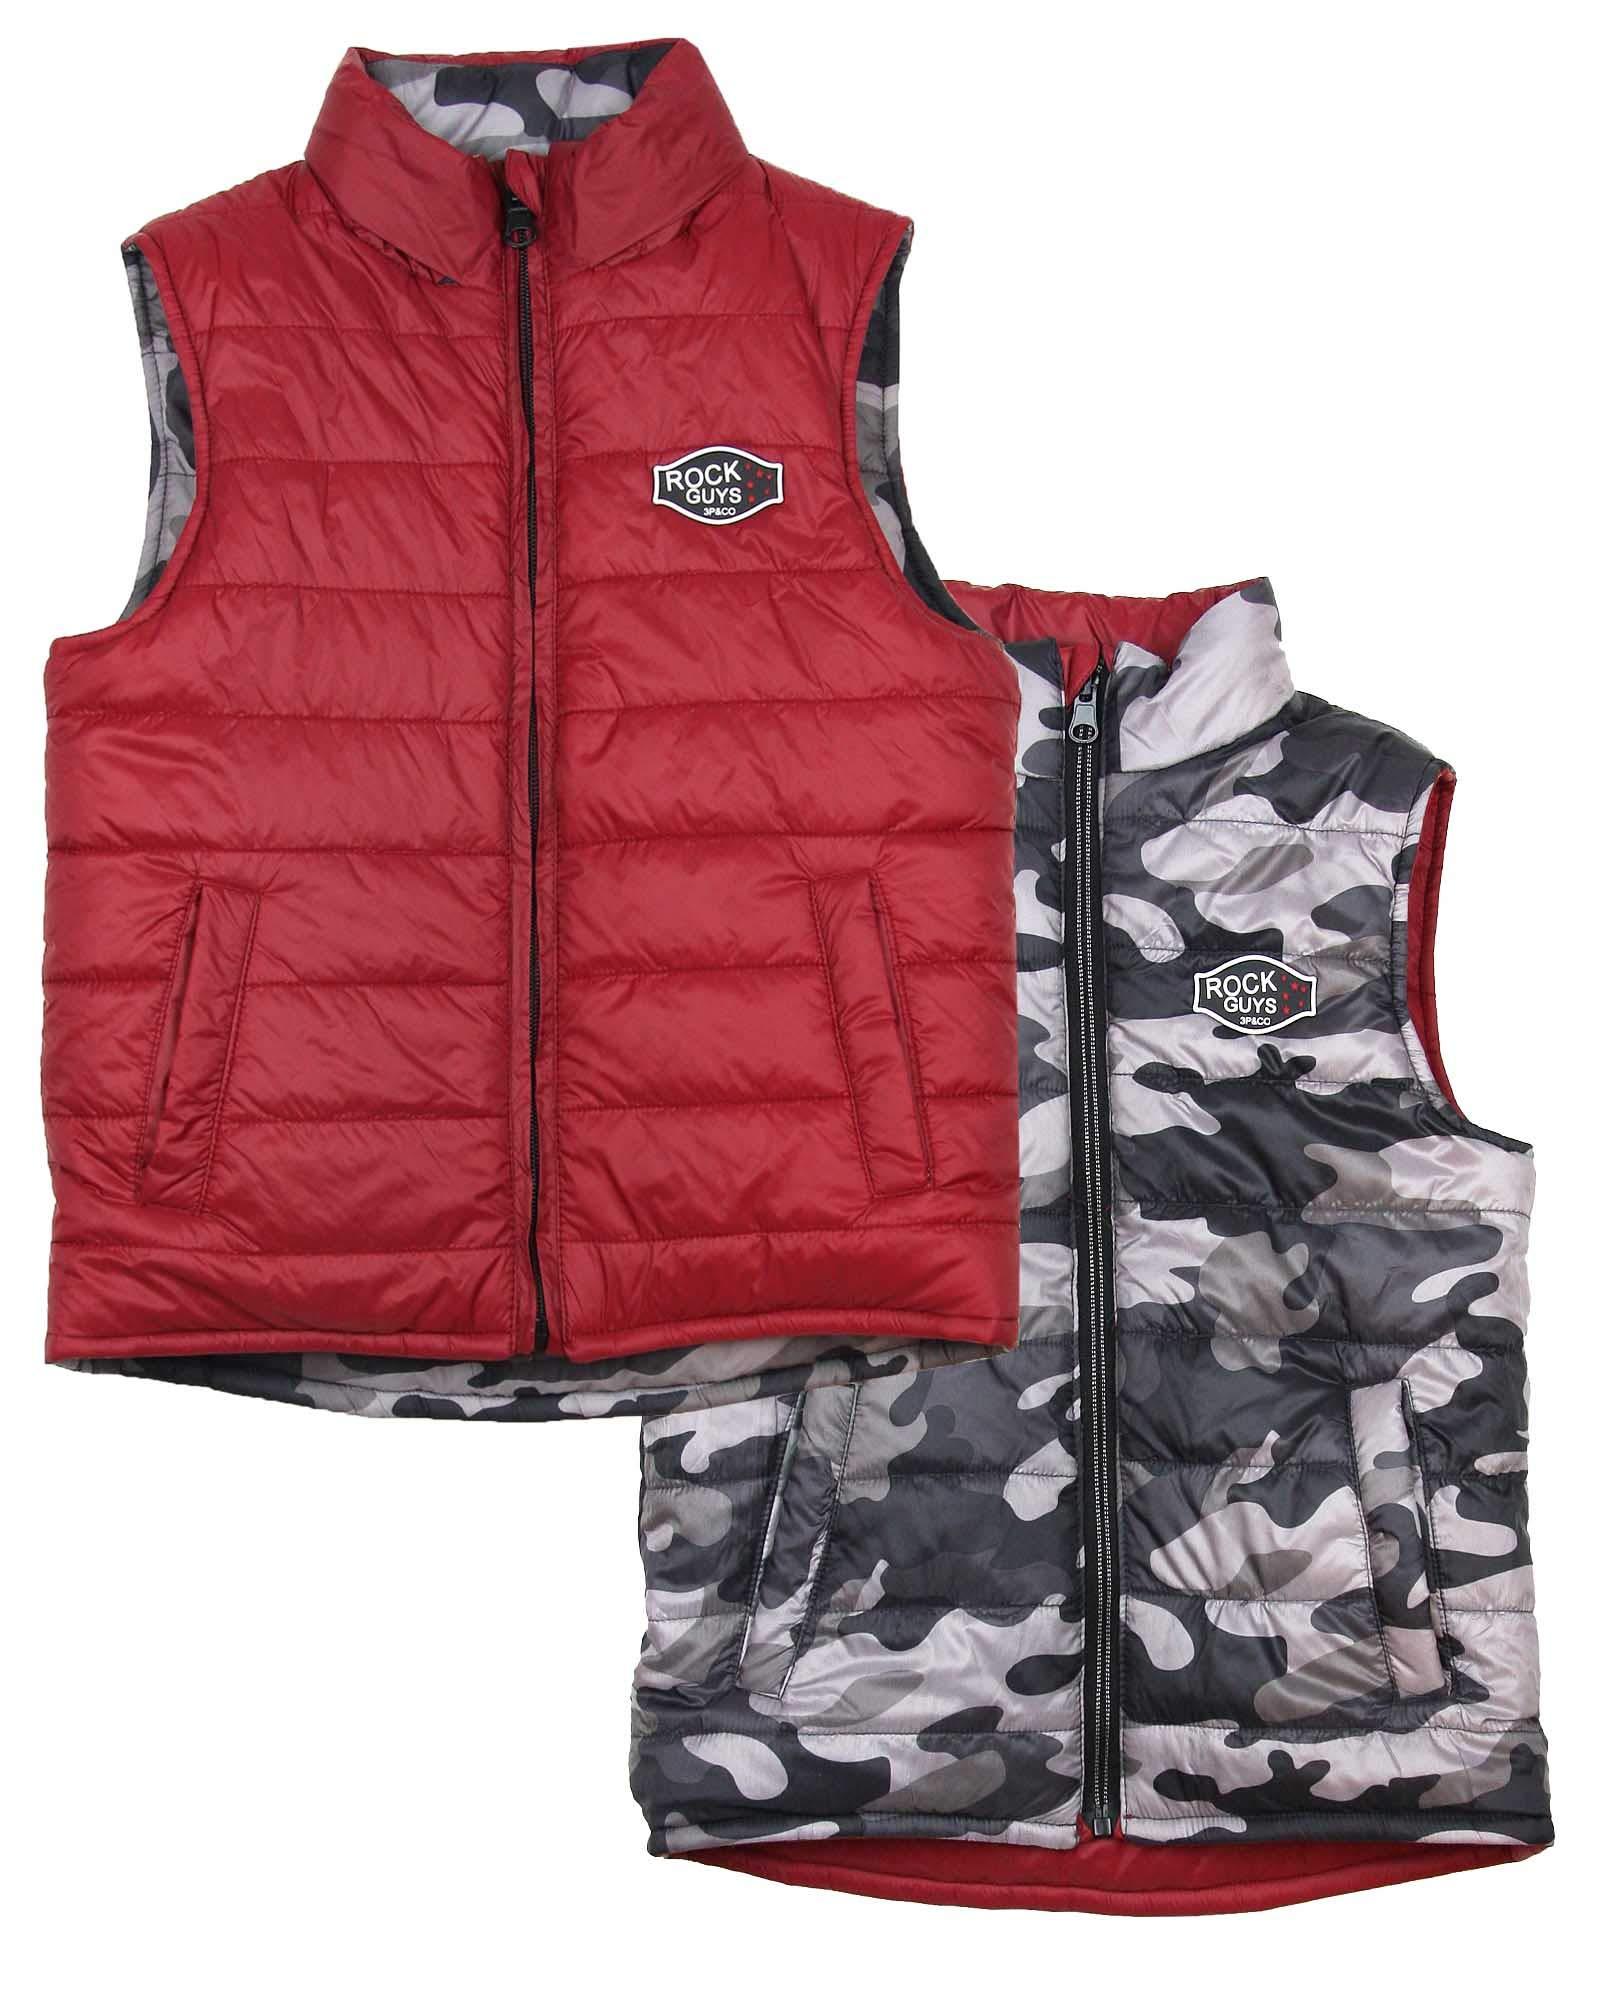 3 Pommes Boy's Reversible Puffer Vest, Sizes 4-12 - 5